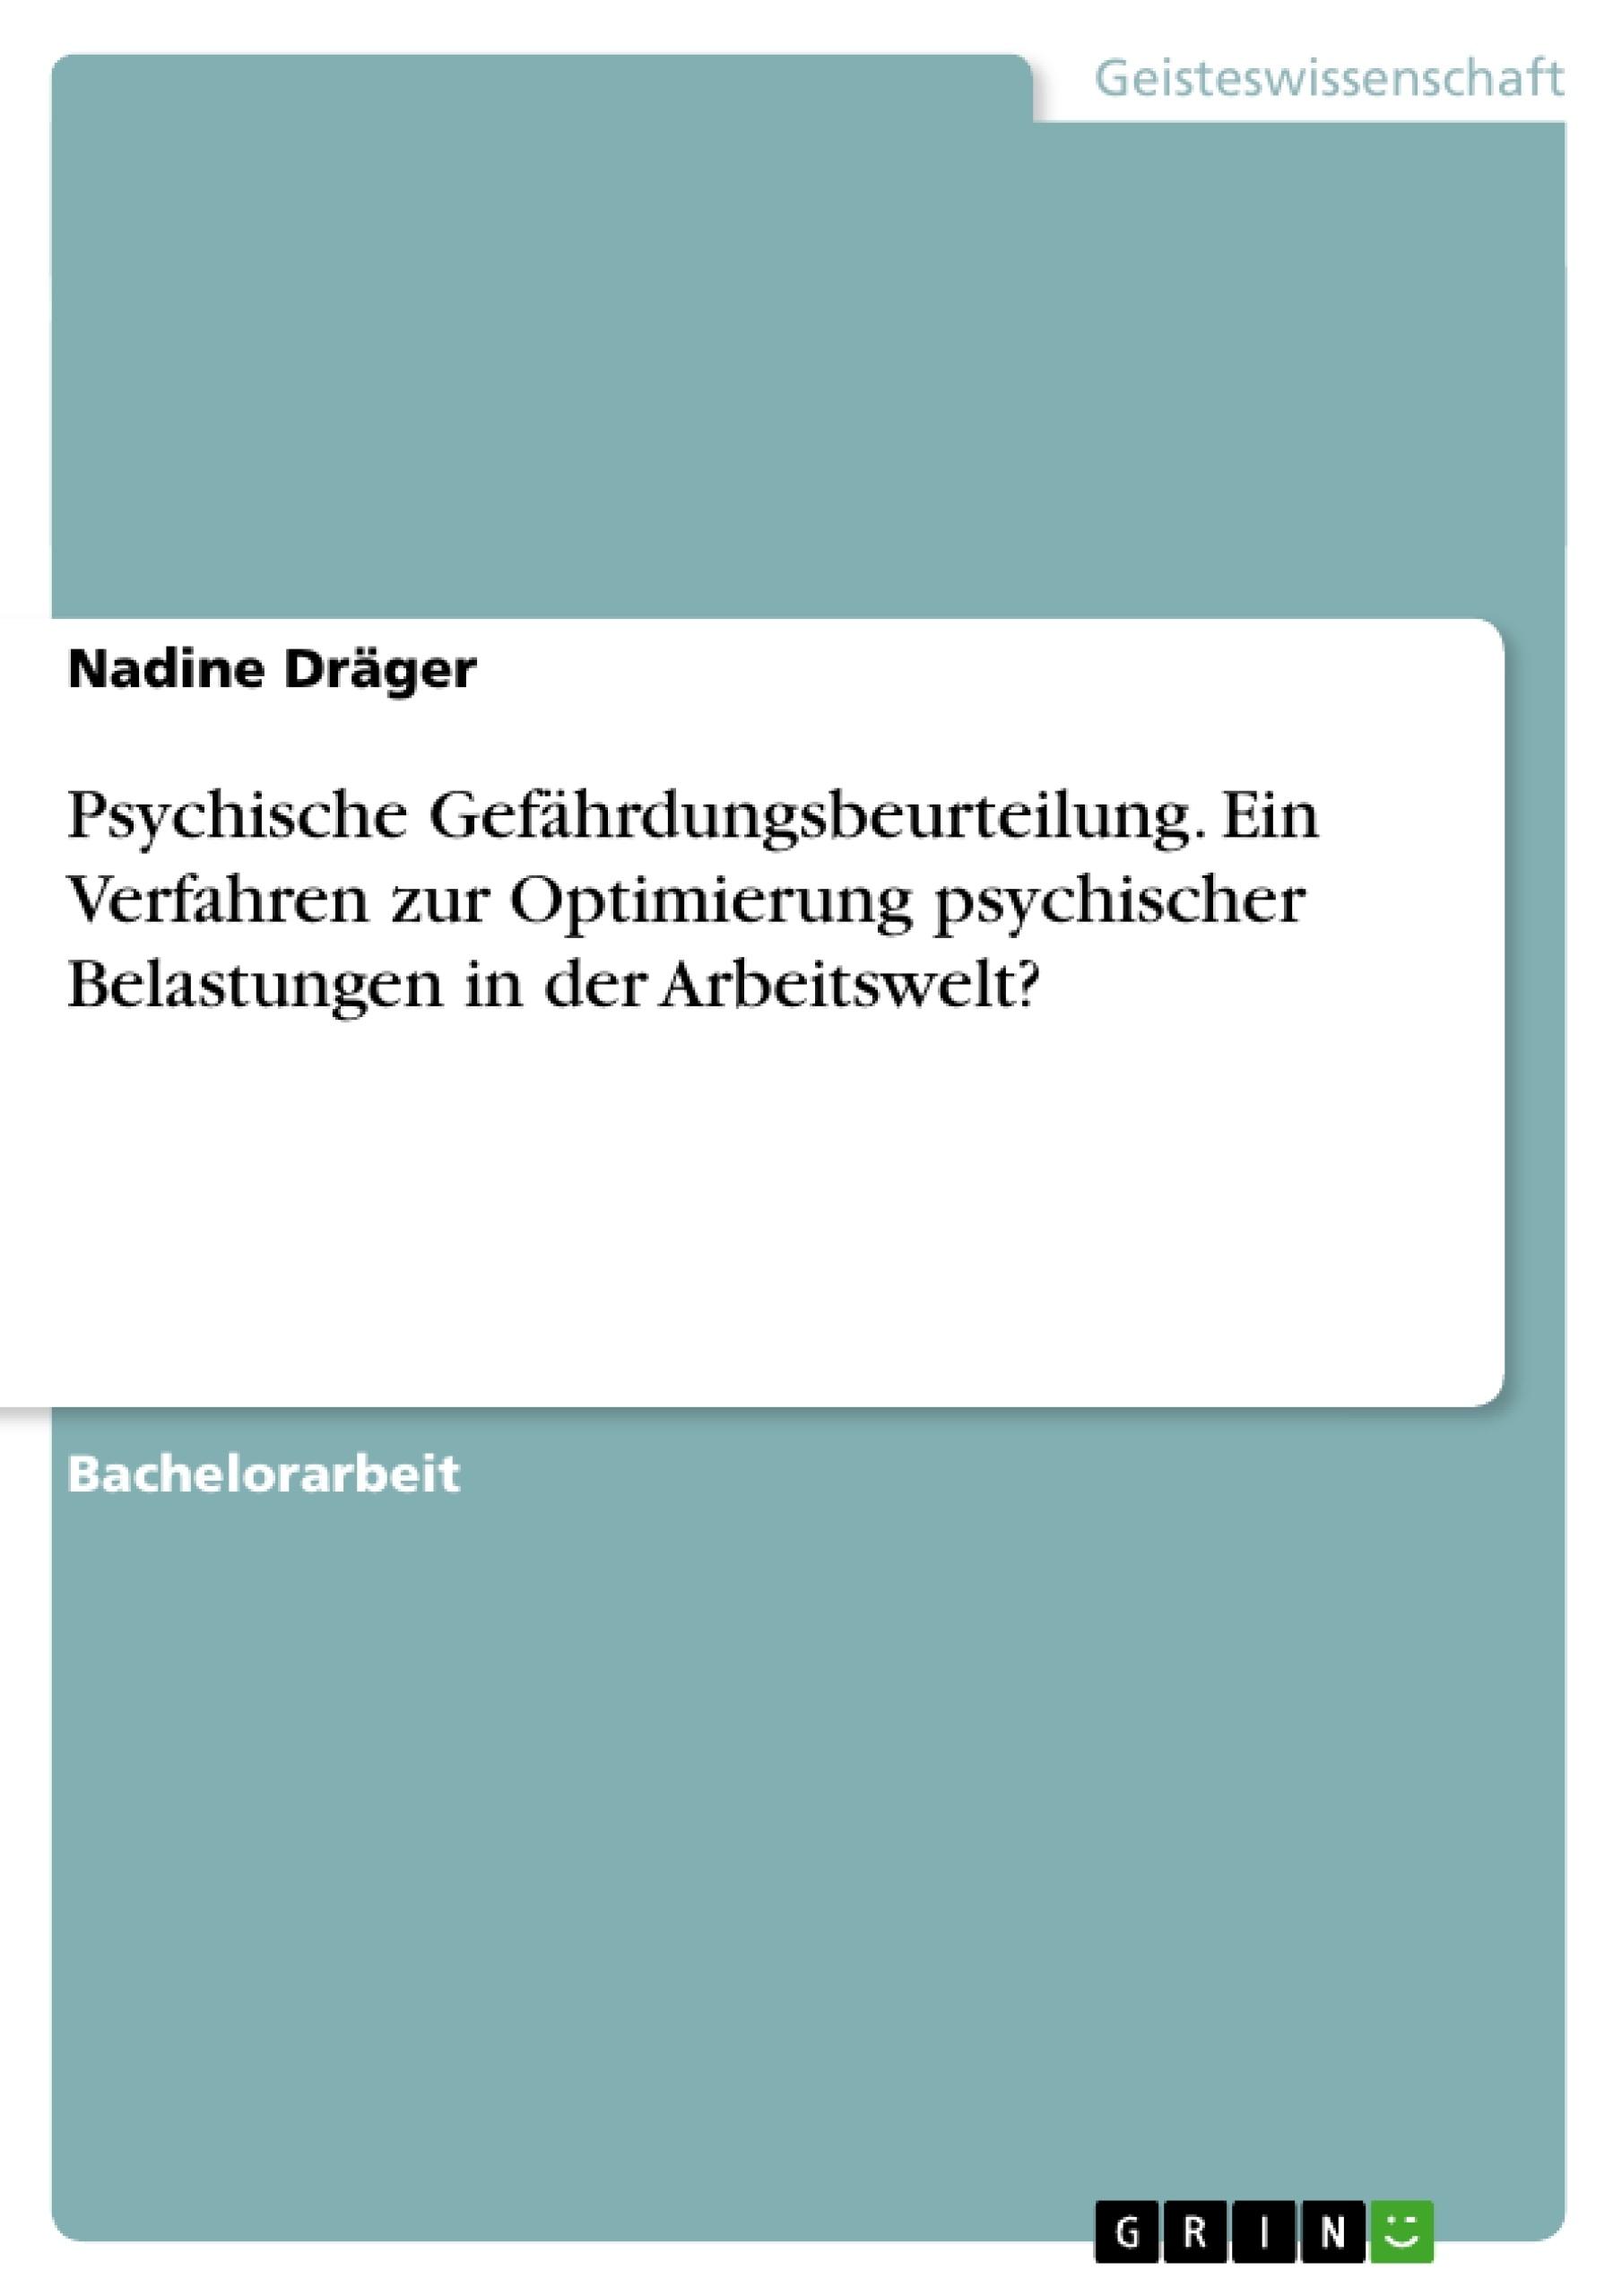 Titel: Psychische Gefährdungsbeurteilung. Ein Verfahren zur Optimierung psychischer Belastungen in der Arbeitswelt?